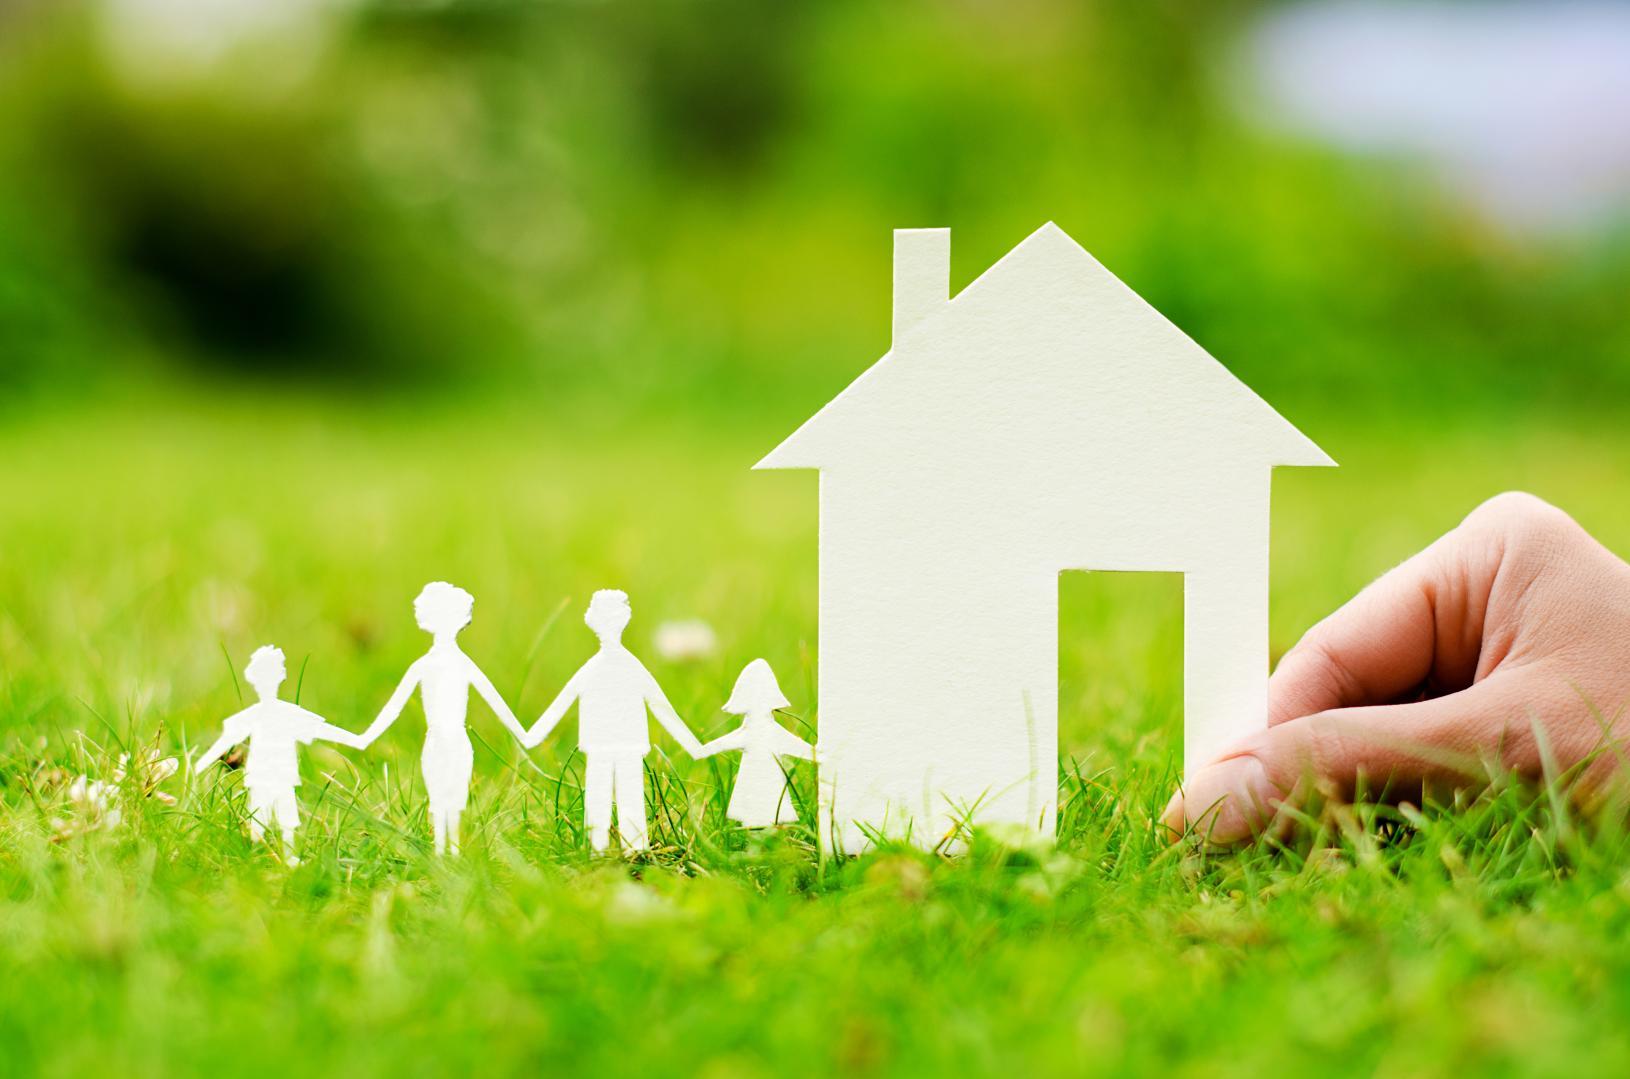 Assurance prêt immobilier : éviter les risques de non remboursement avec l'assurance de prêt immobilier